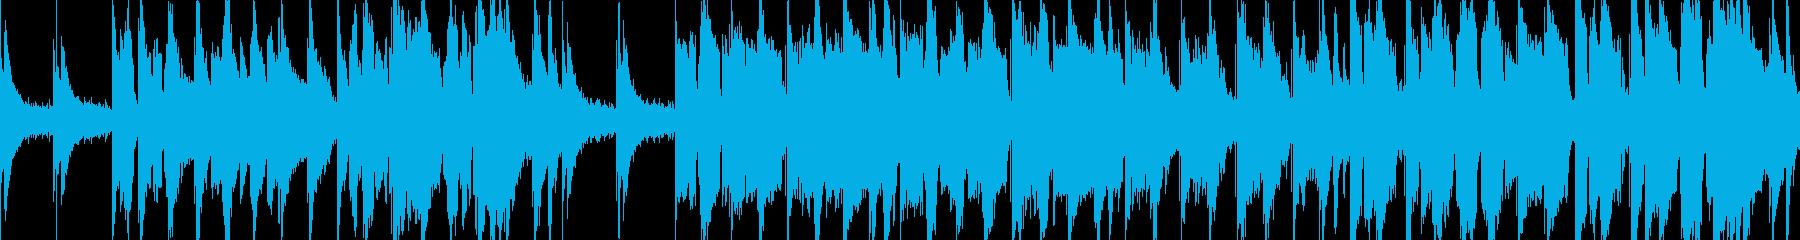 ムーディなBARでの情景(LOOP対応)の再生済みの波形